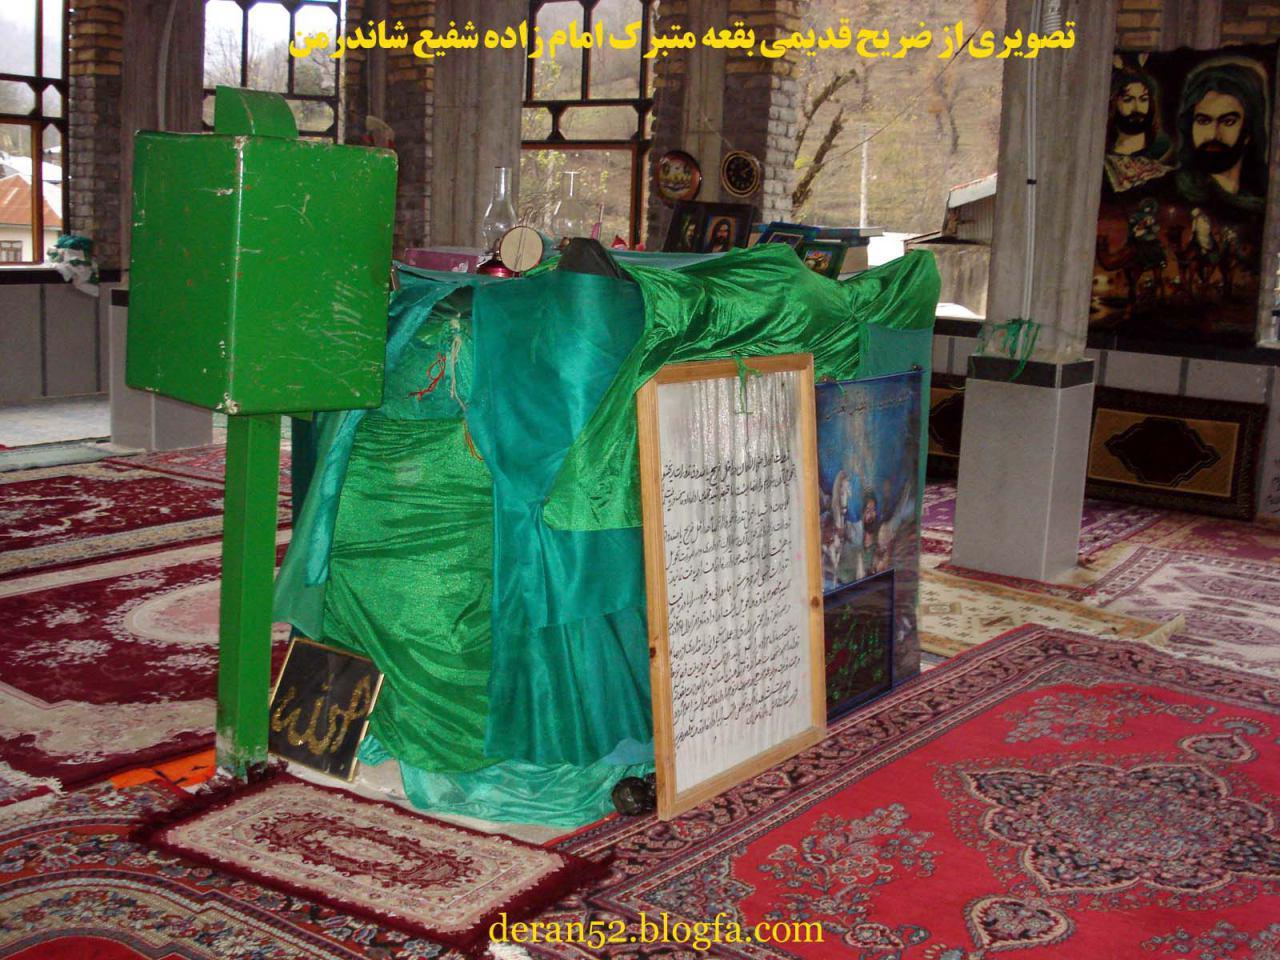 تصویری از ضریح قدیمی بقعه متبرکه امامزاده شفیع شاندرمن